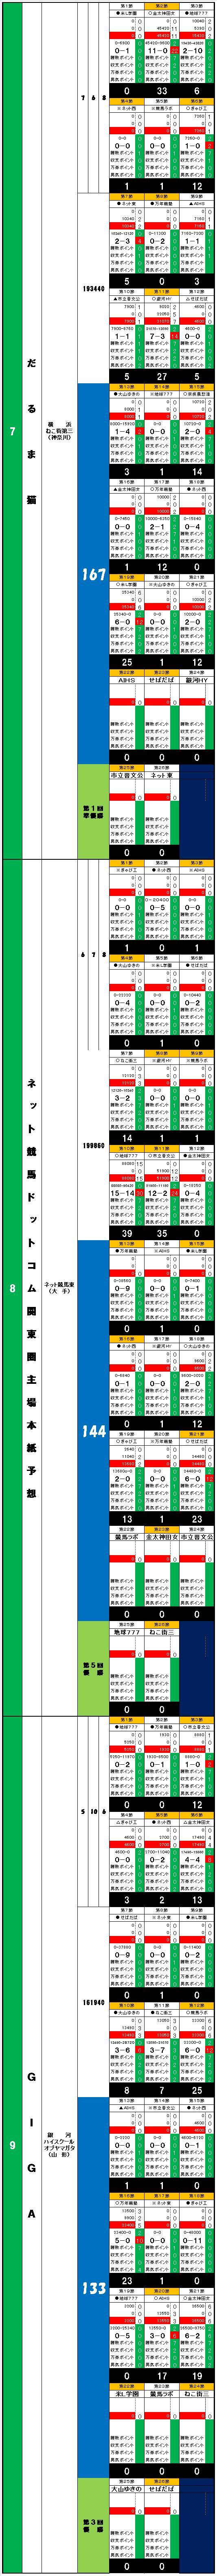 20160412・ダルマンリーグ第21節後半終了個人成績データ③.jpg